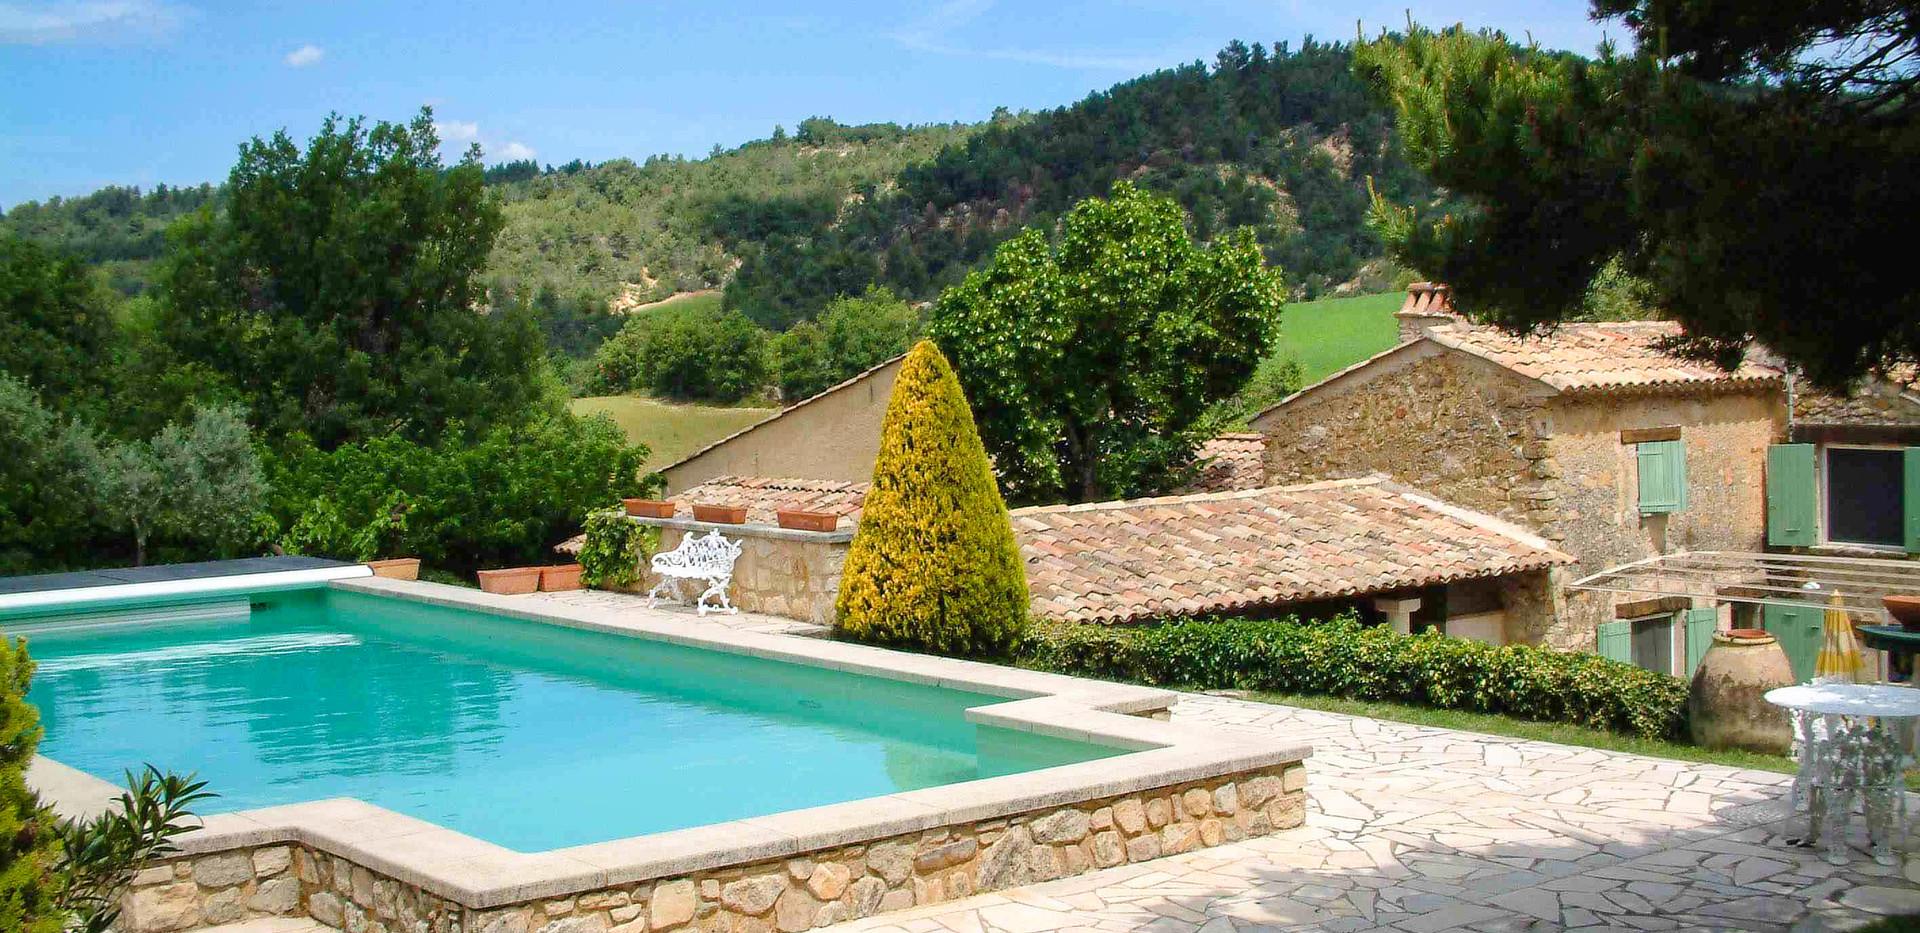 Pool&House.jpg